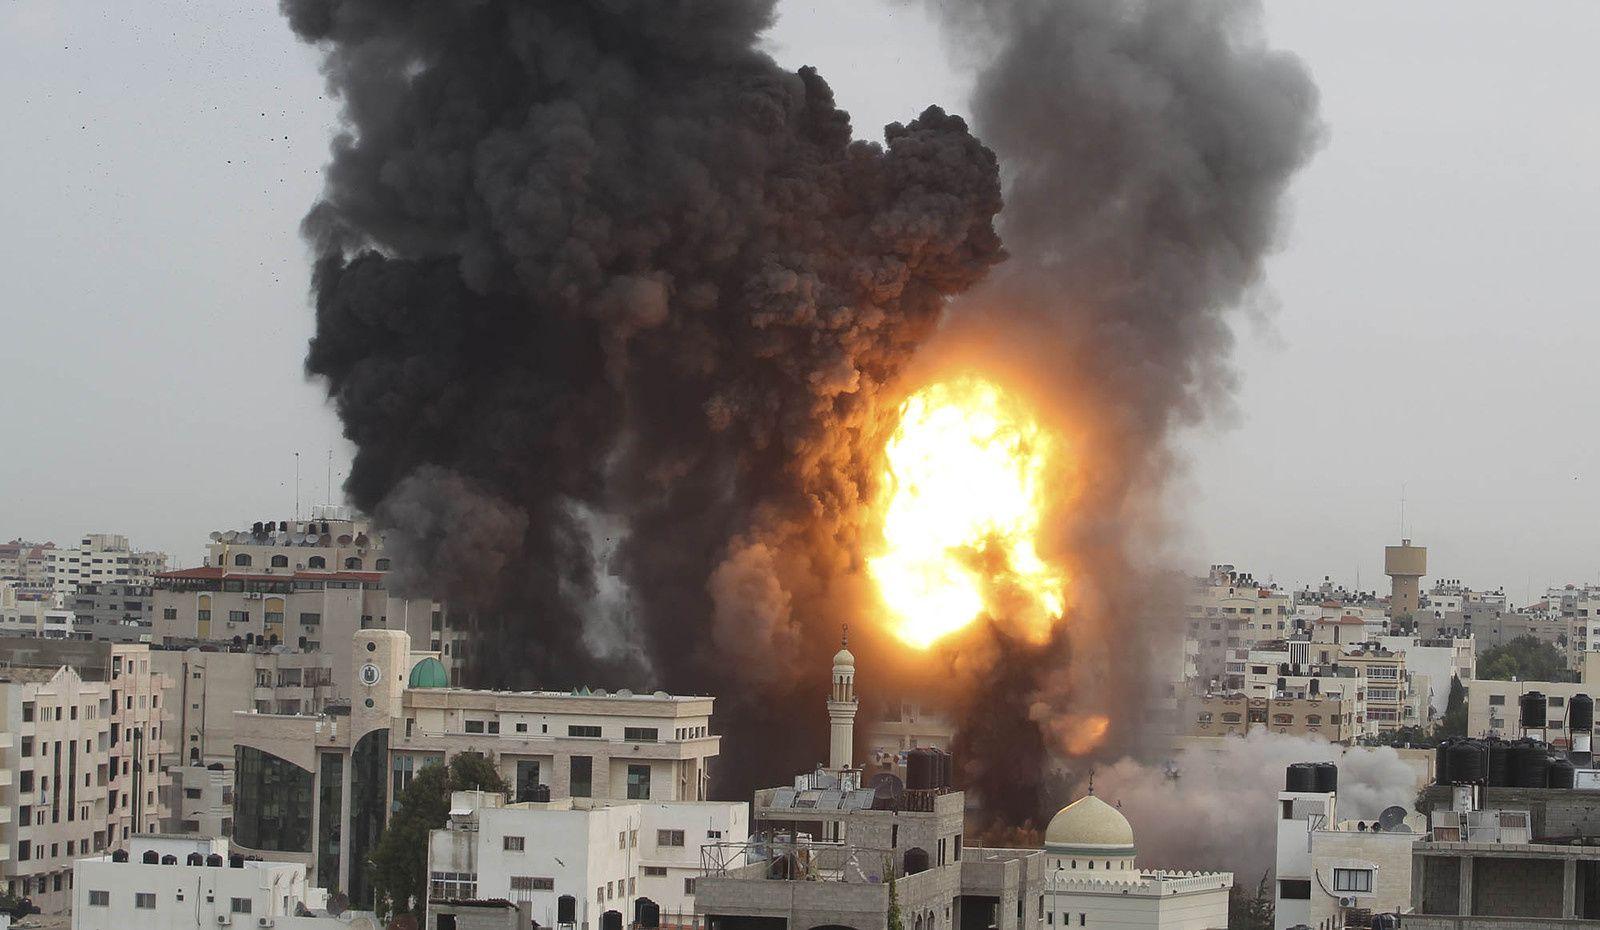 Les derniers événements dans la bande de Gaza